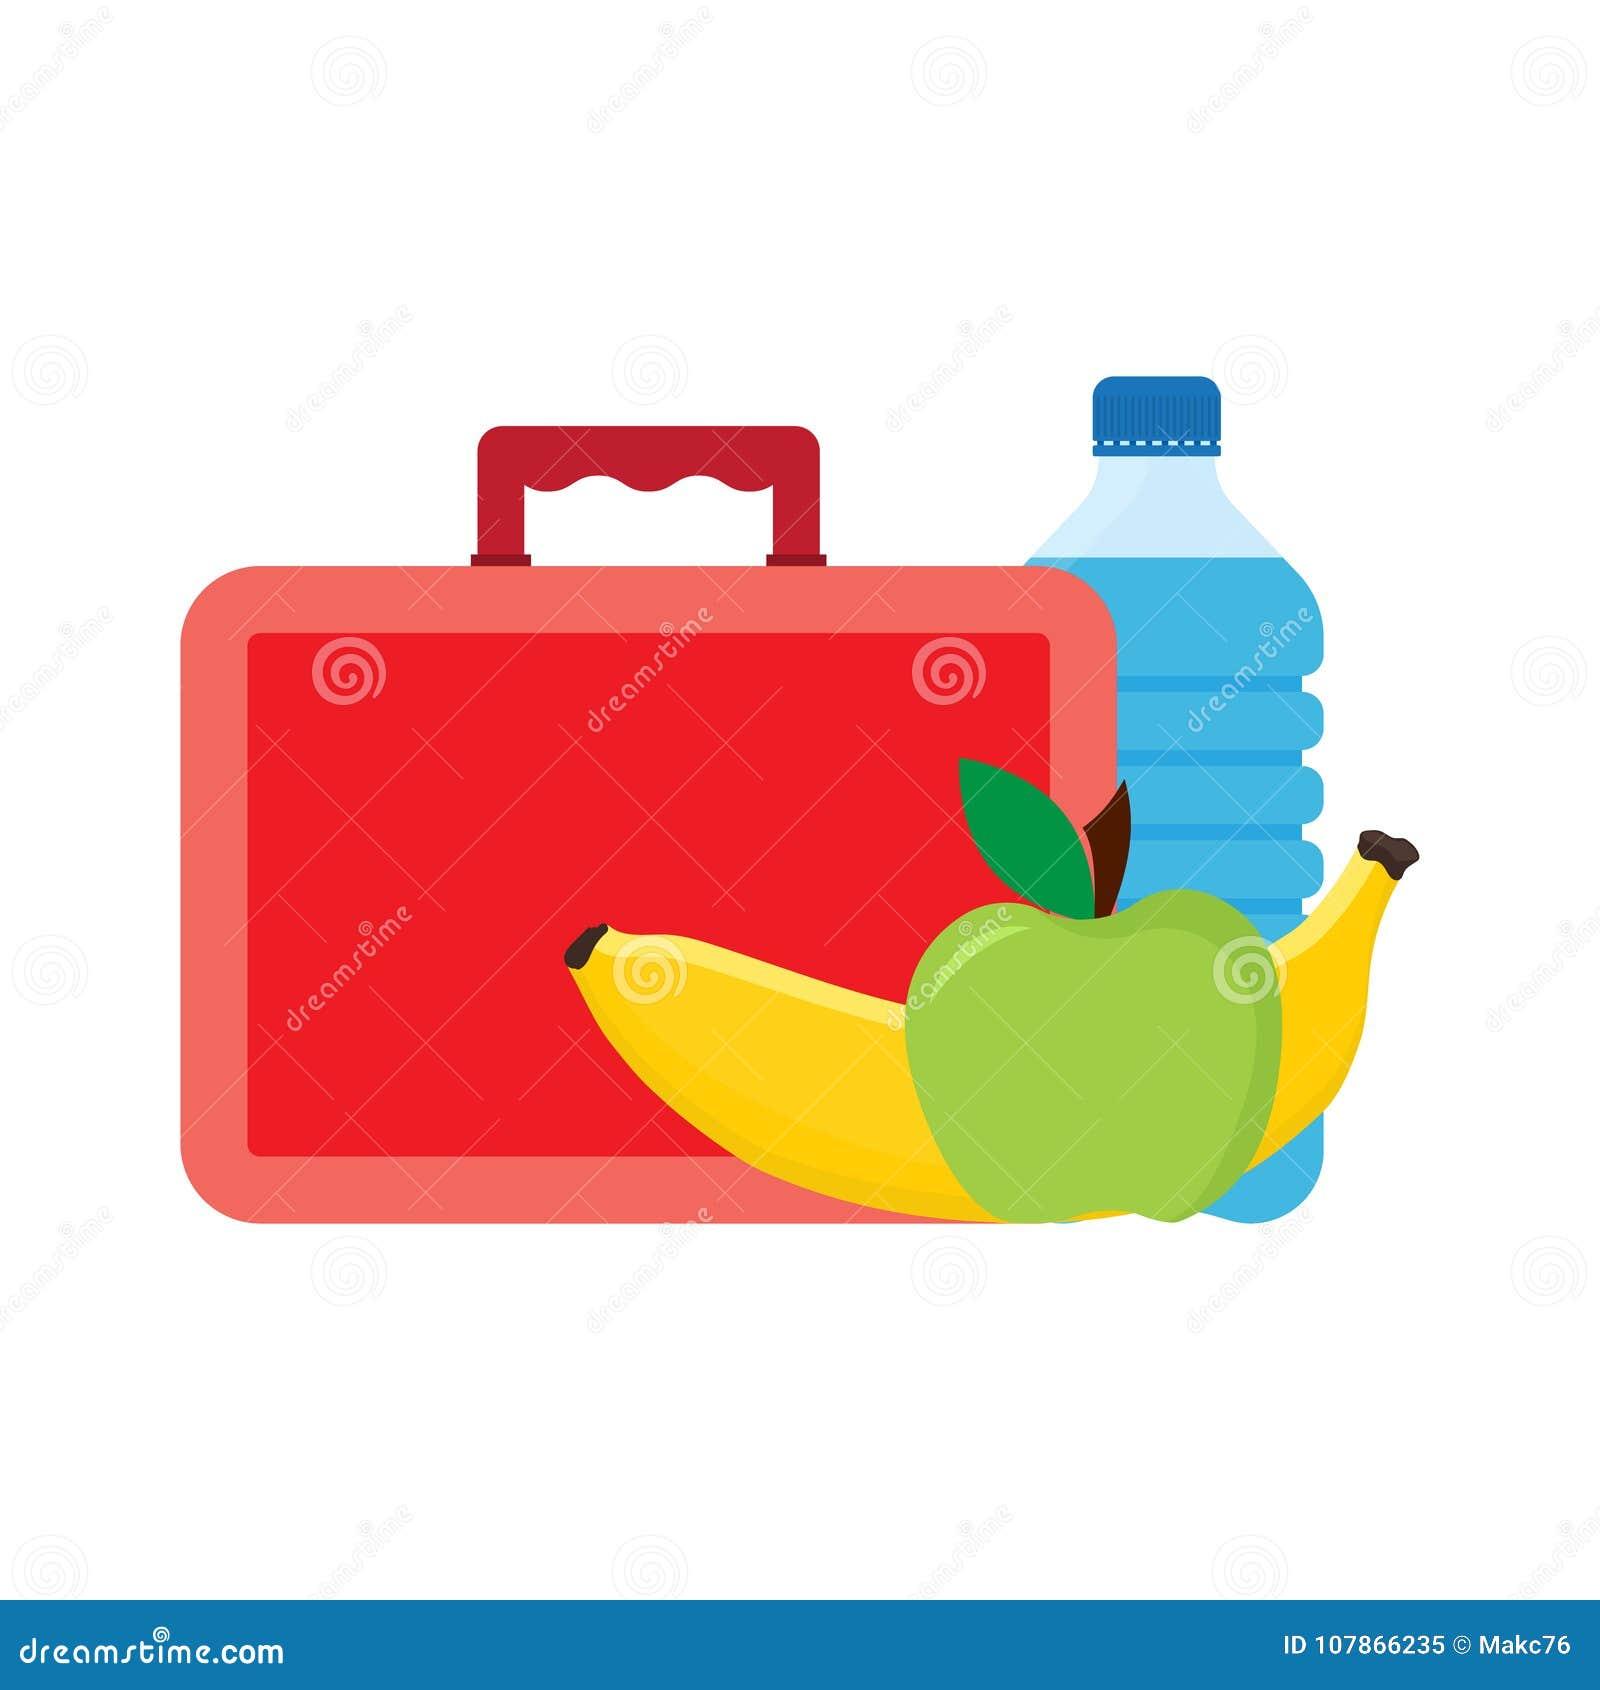 Μεσημεριανό διάλειμμα ή χρόνος μεσημεριανού γεύματος Καλαθάκι με φαγητό με το σχολικό μεσημεριανό γεύμα